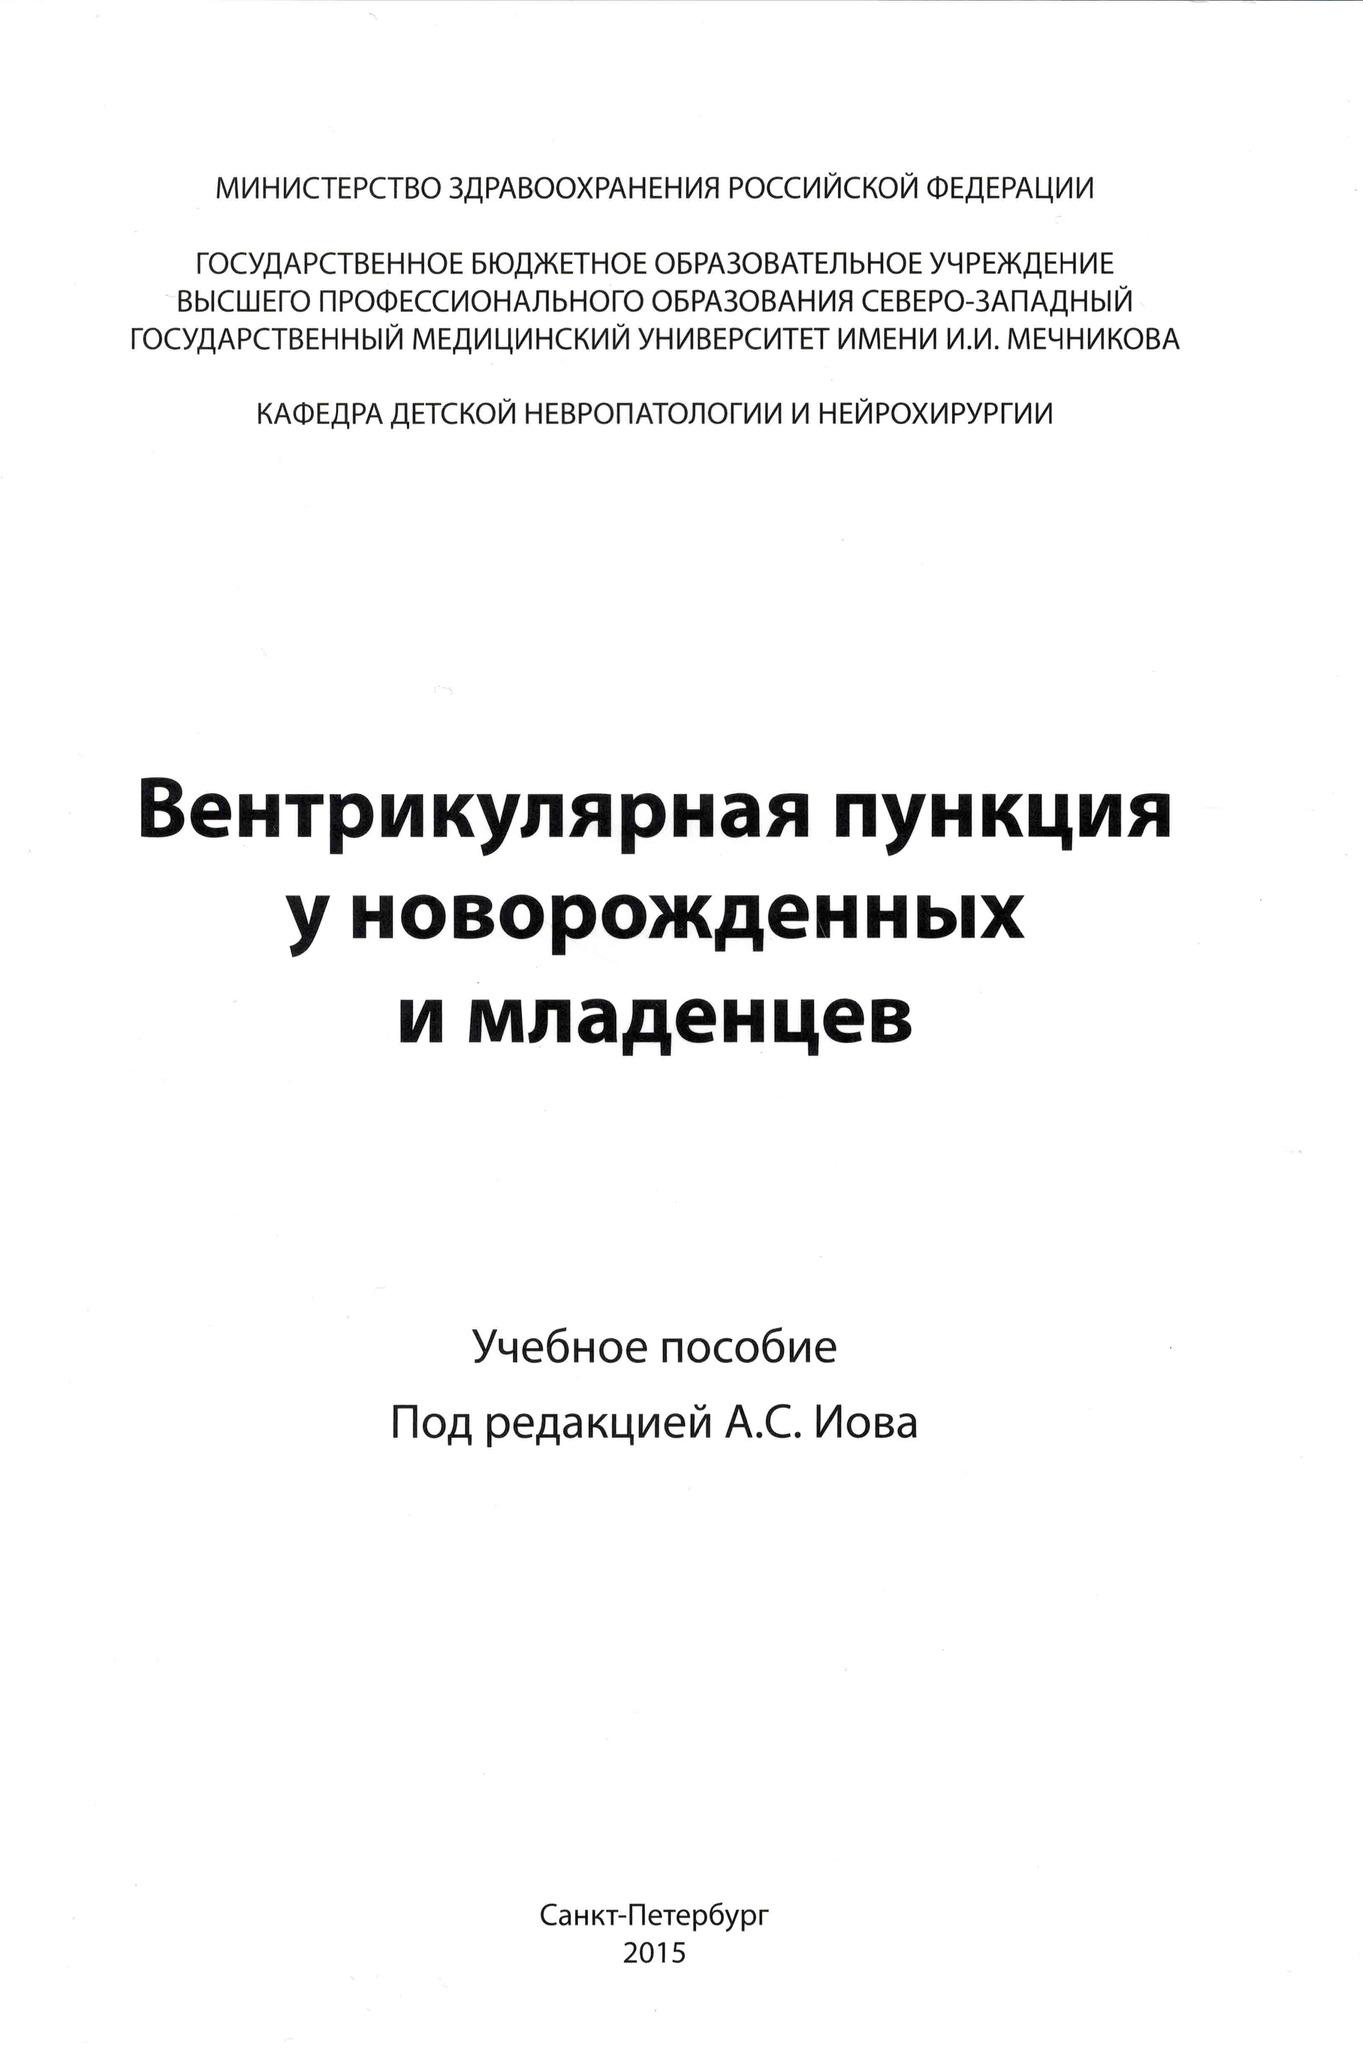 Книги по детской нейрохирургии Вентрикулярная пункция у новорожденных и младенцев ventr_punkc_u_novor.jpg